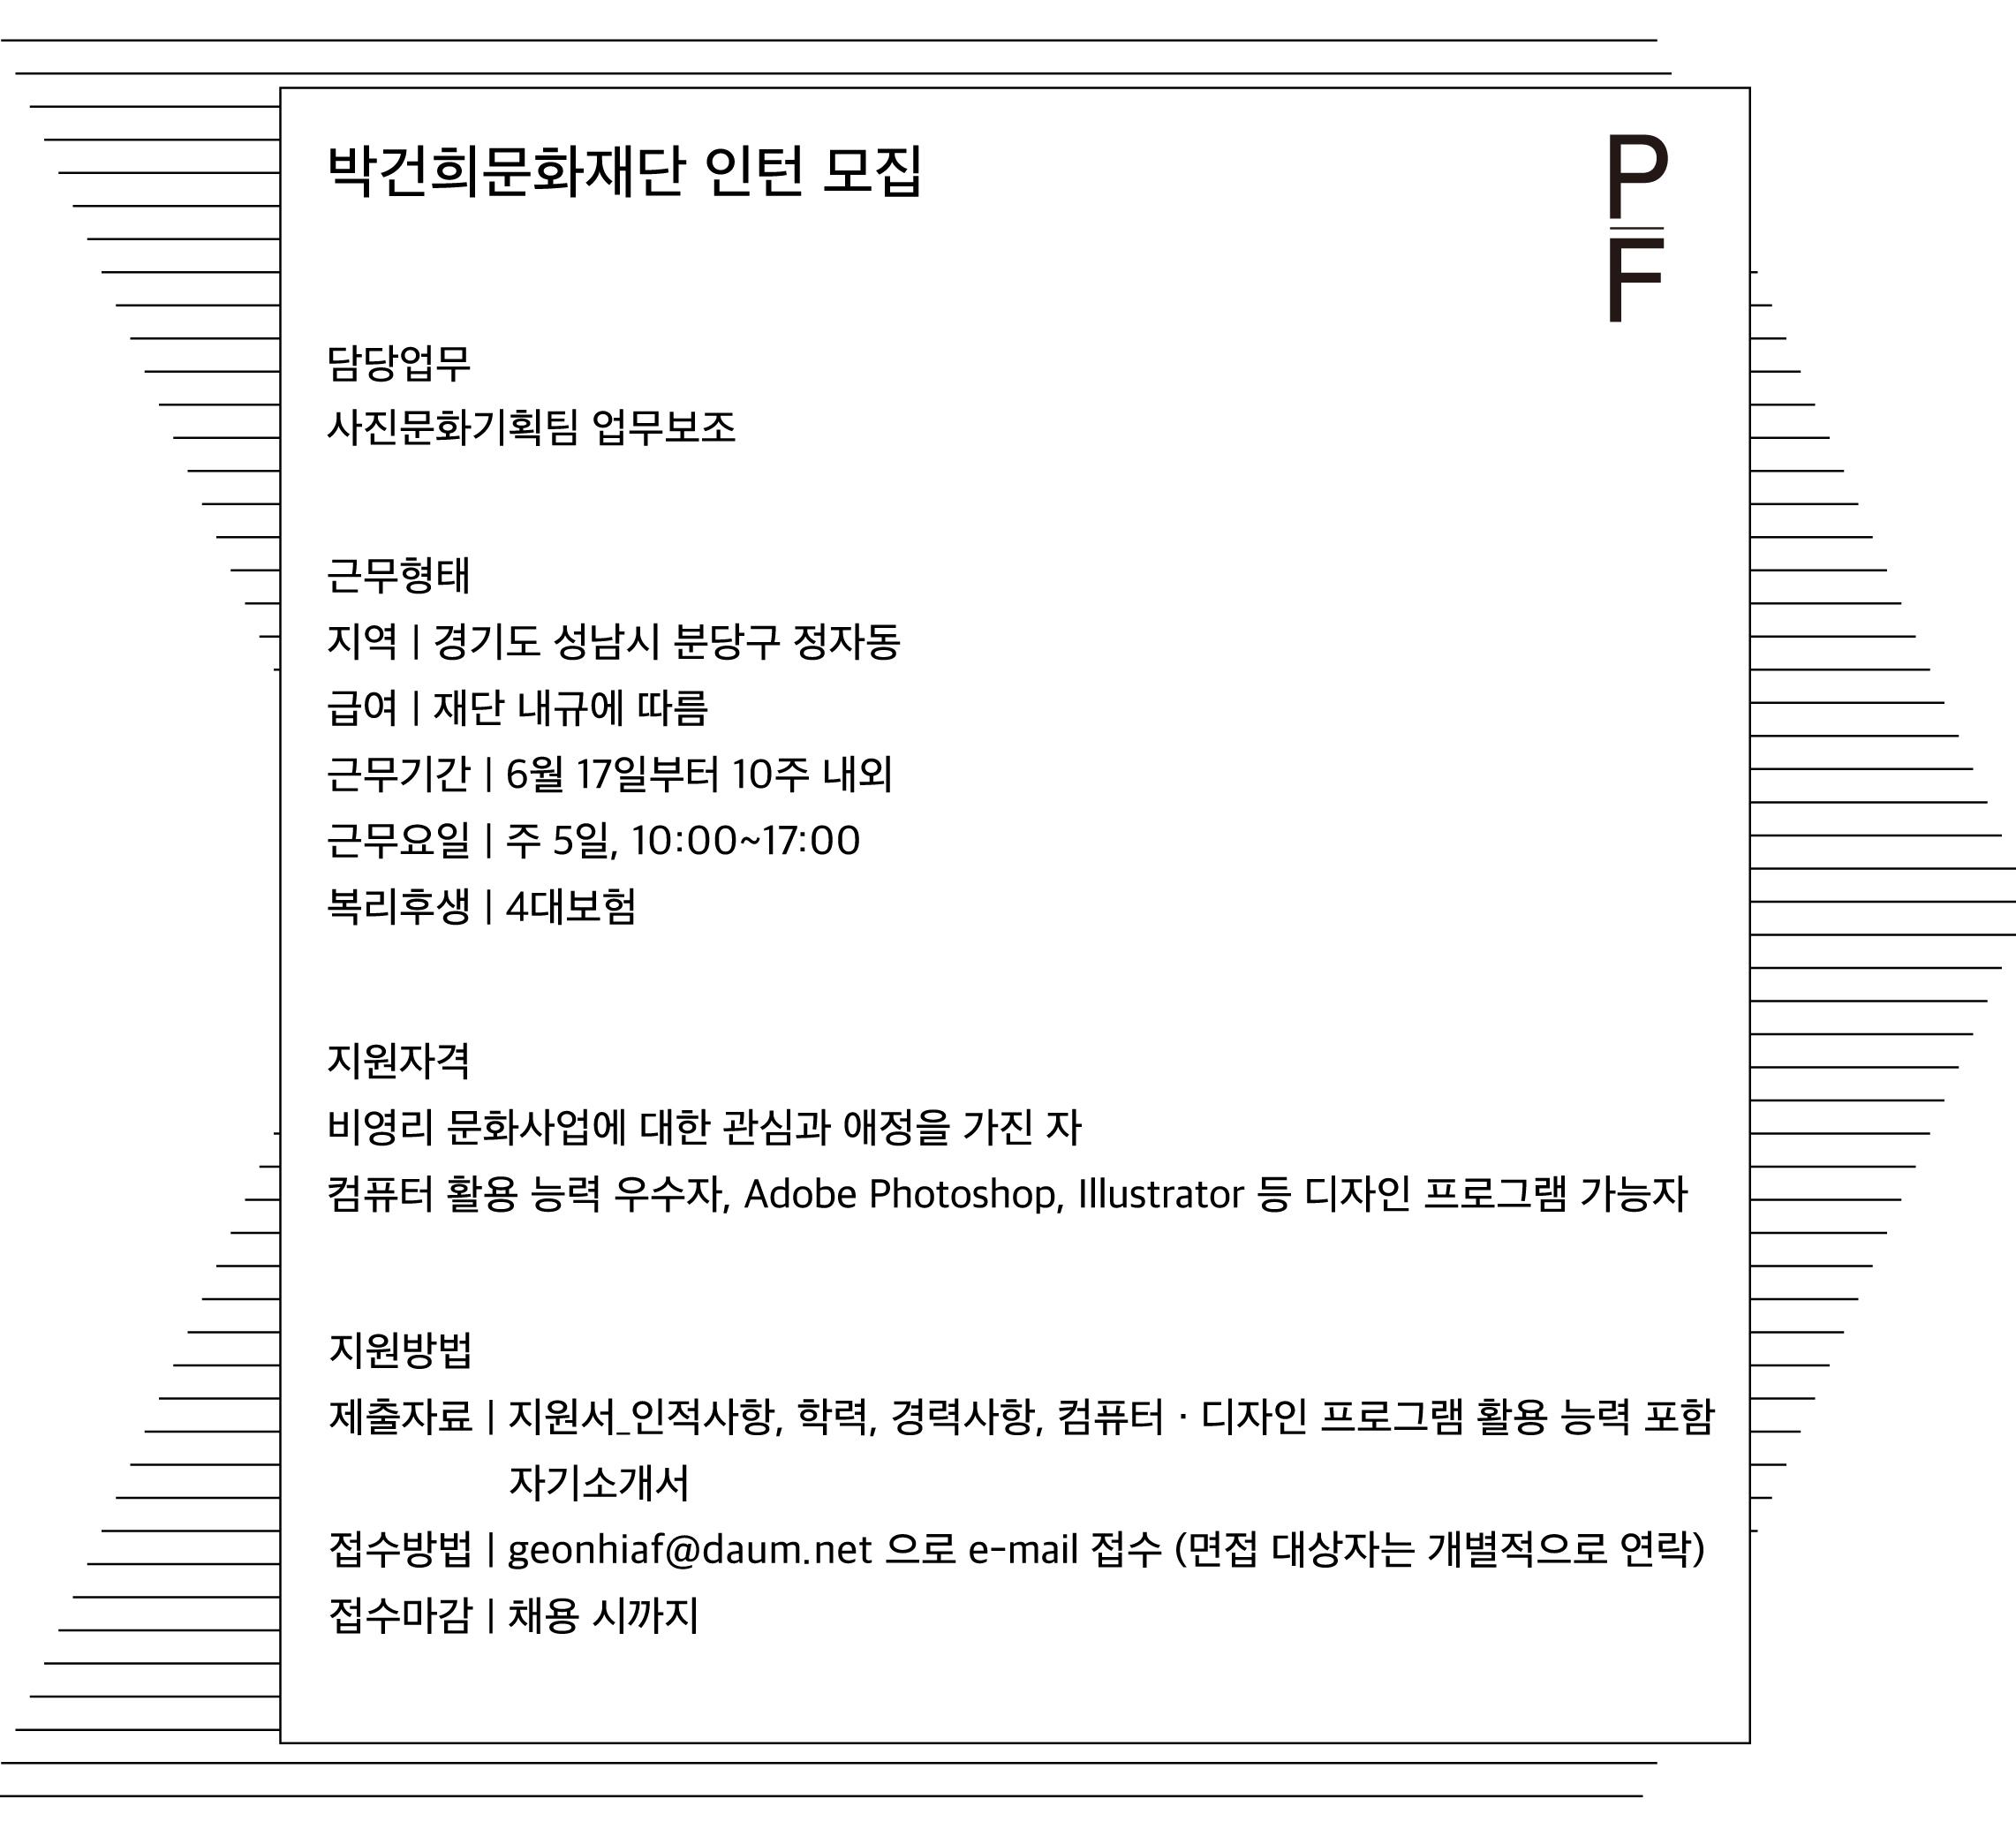 박건희문화재단-인턴모집